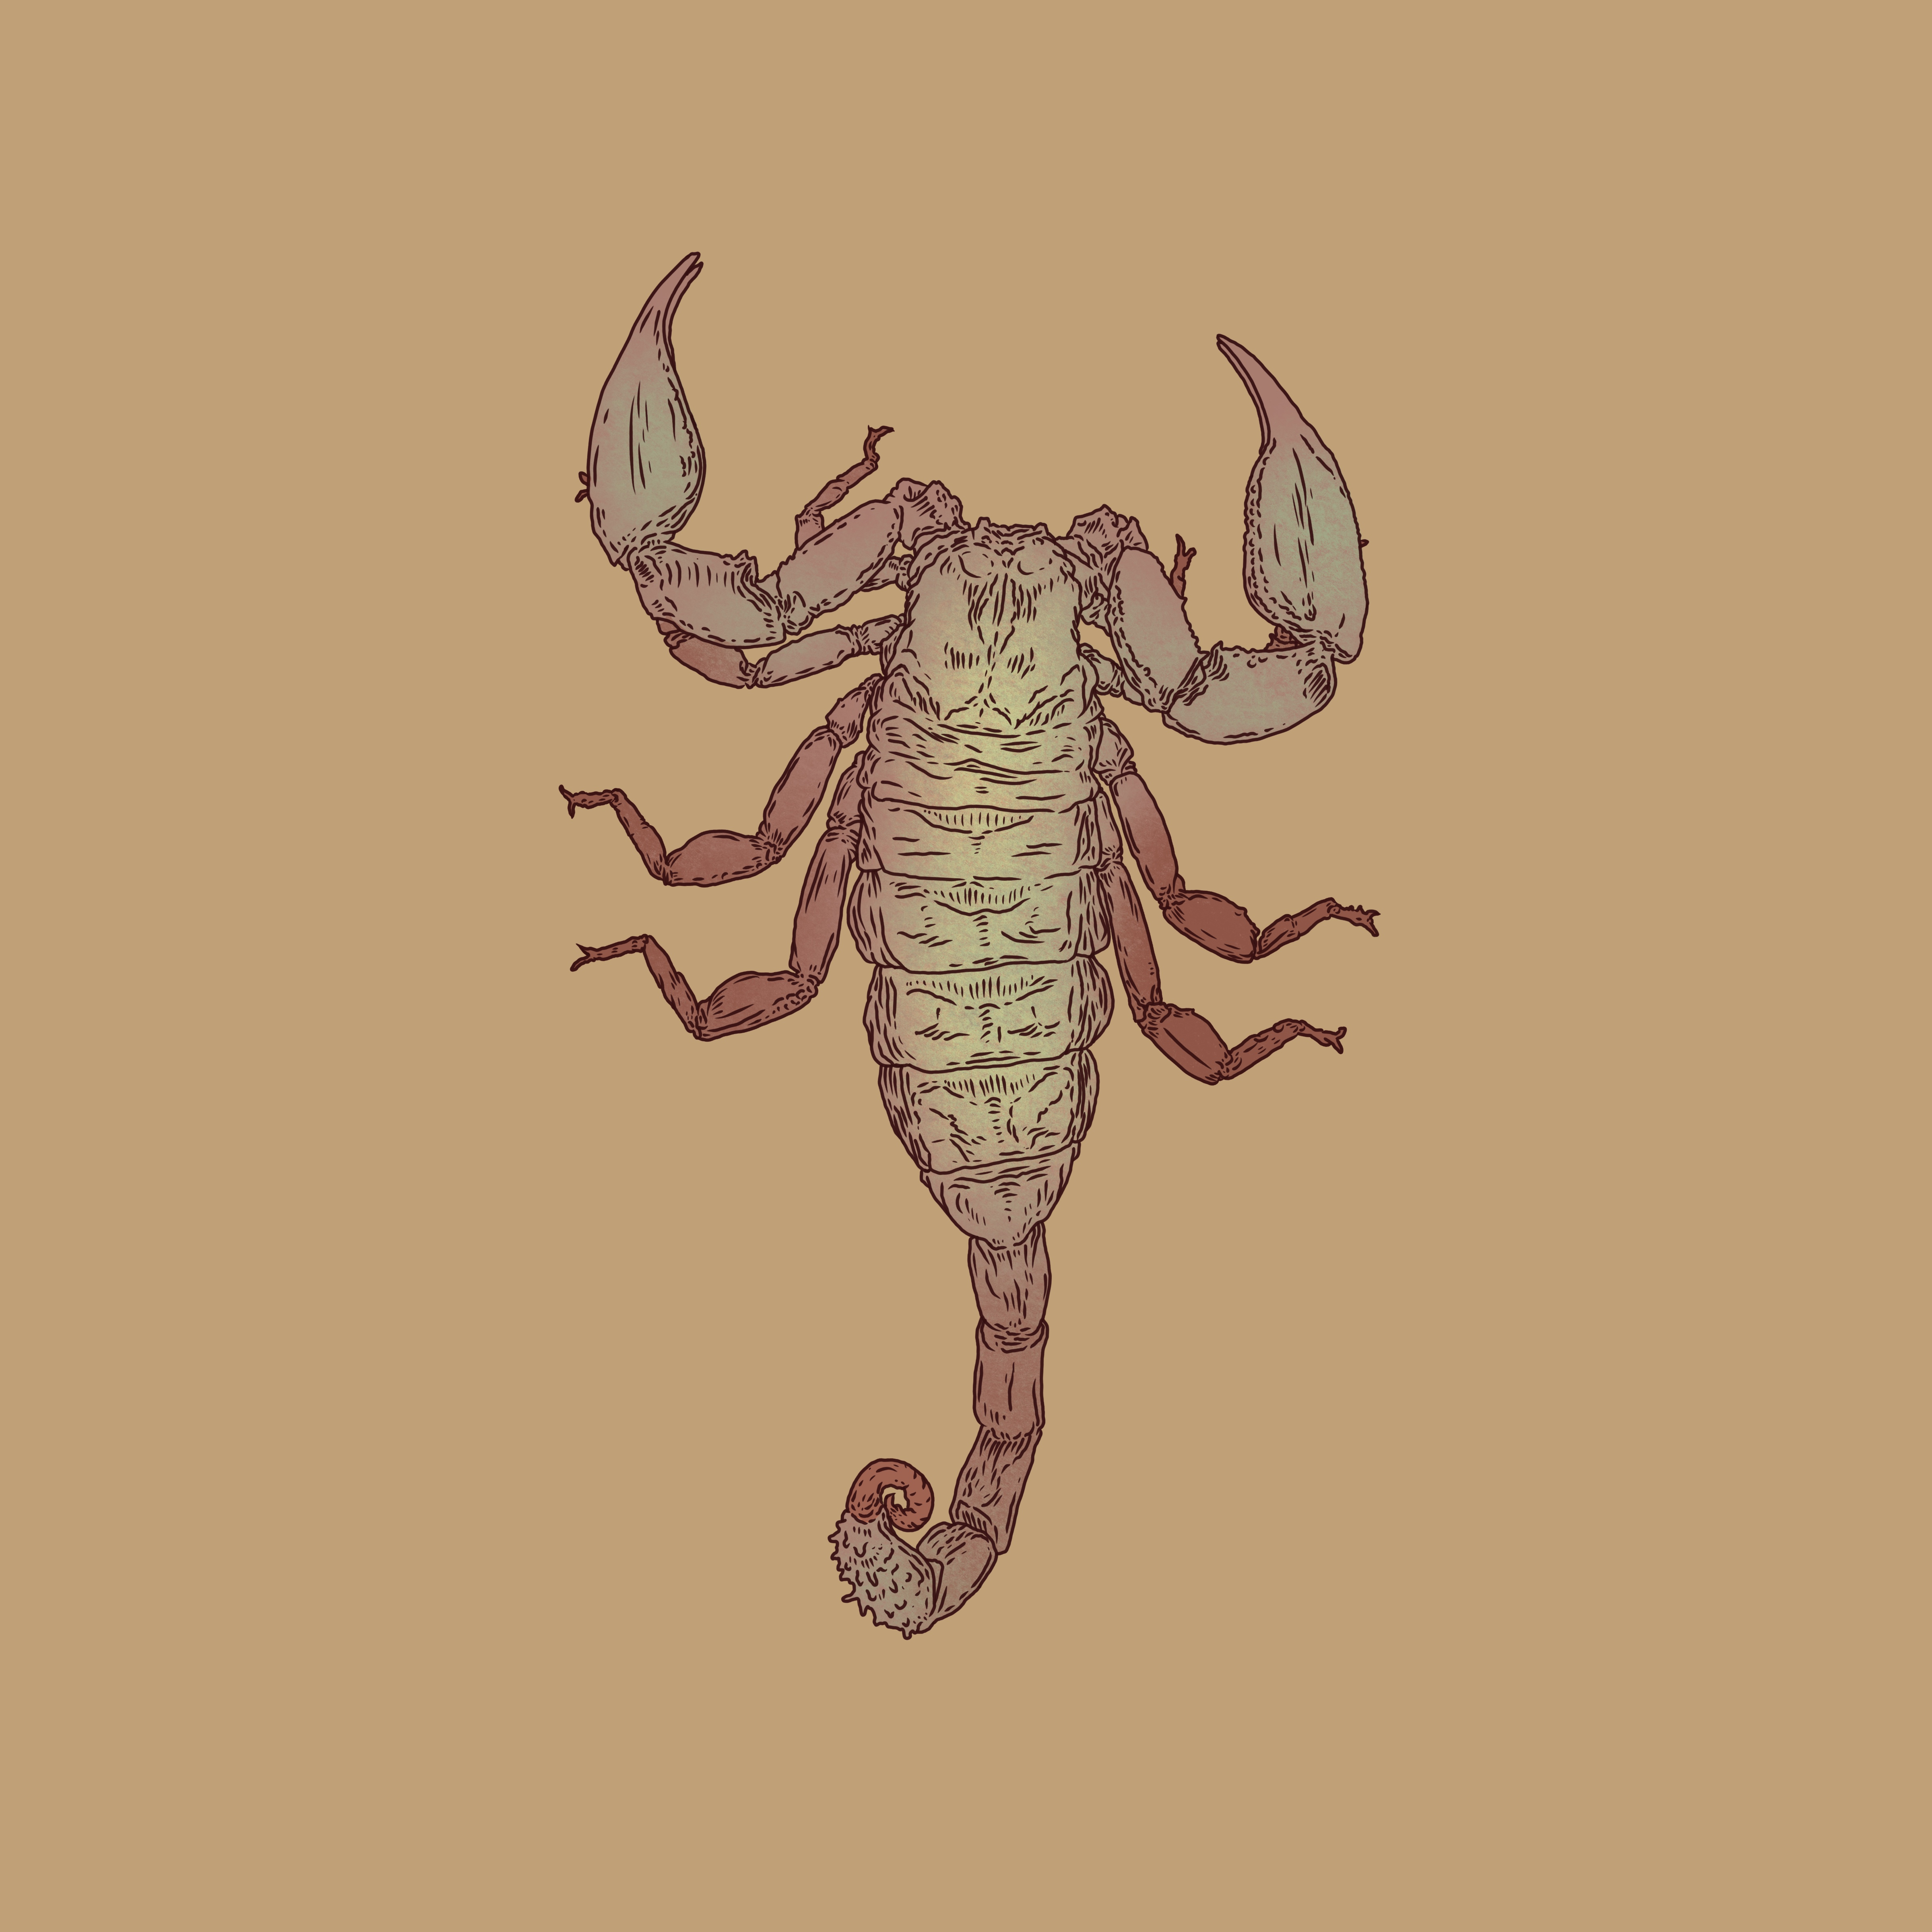 Scorpion_1